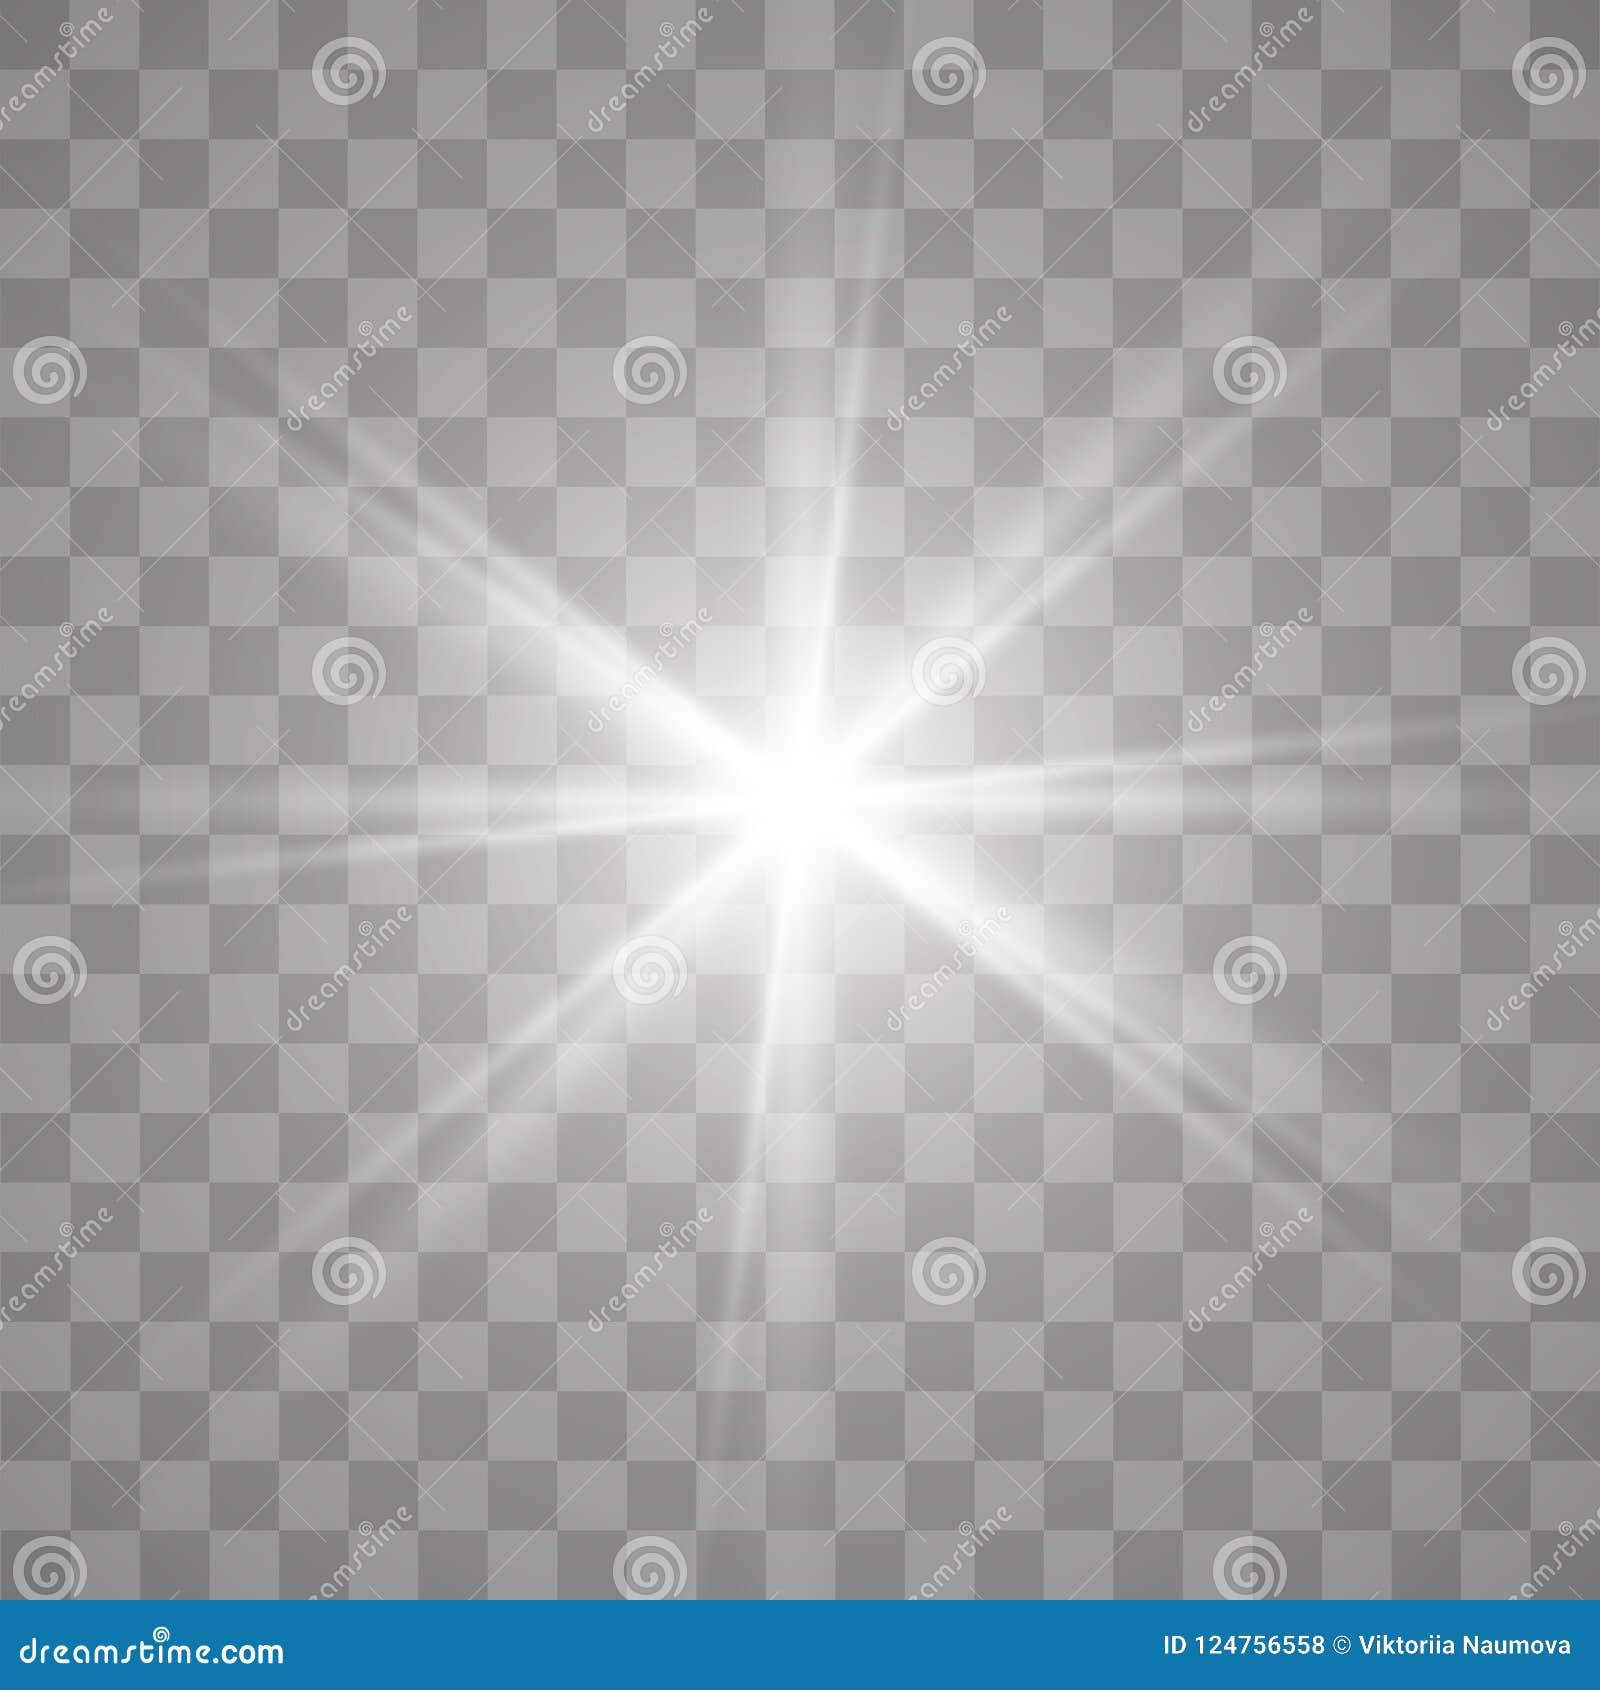 Effetto speciale del chiarore chiaro Illustrazione Il vettore scintilla su fondo trasparente Effetto speciale del chiarore chiaro